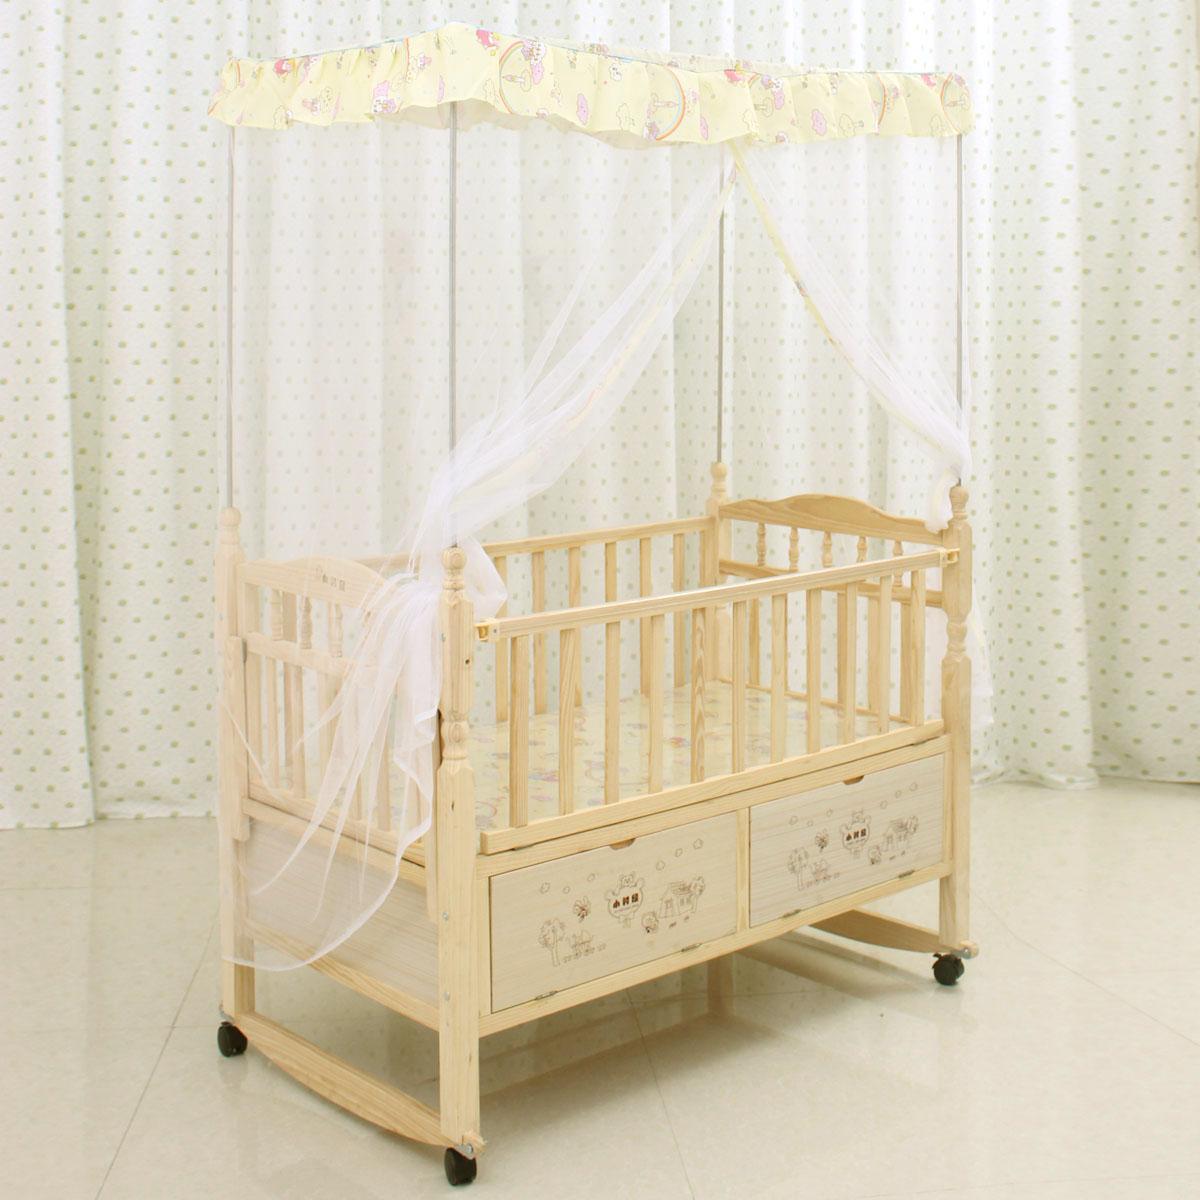 小时候实木无漆婴儿床摇篮床 BB宝宝童床 四角柱式蚊帐 柜式